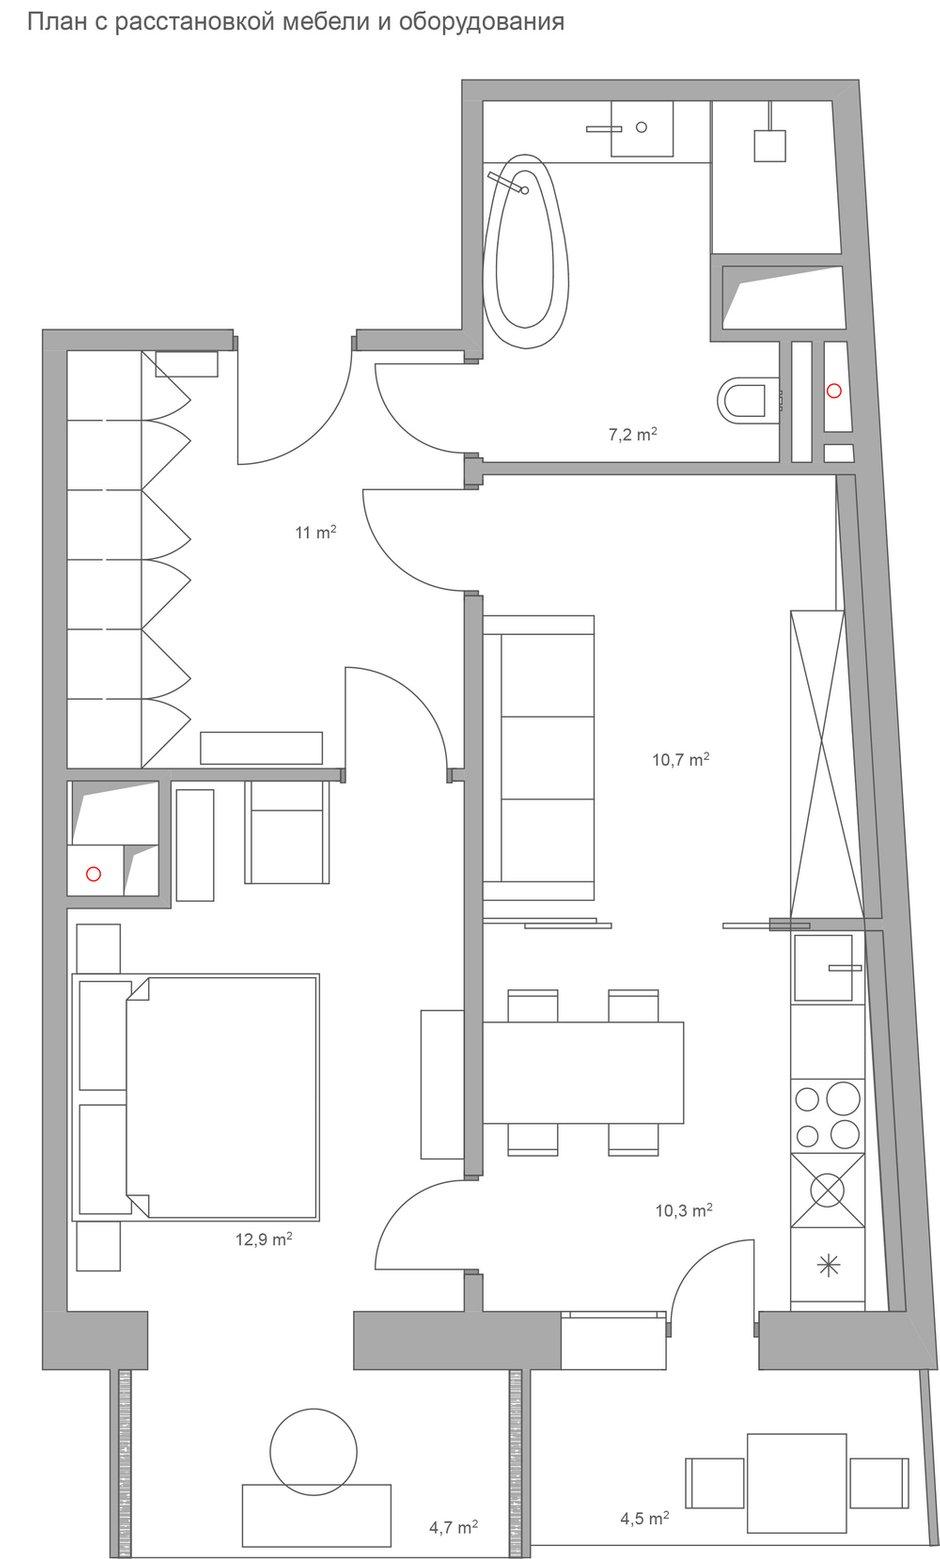 Фотография: Планировки в стиле , Квартира, Проект недели, Монолитный дом, 2 комнаты, 40-60 метров, ЖК «Маяк» – фото на INMYROOM